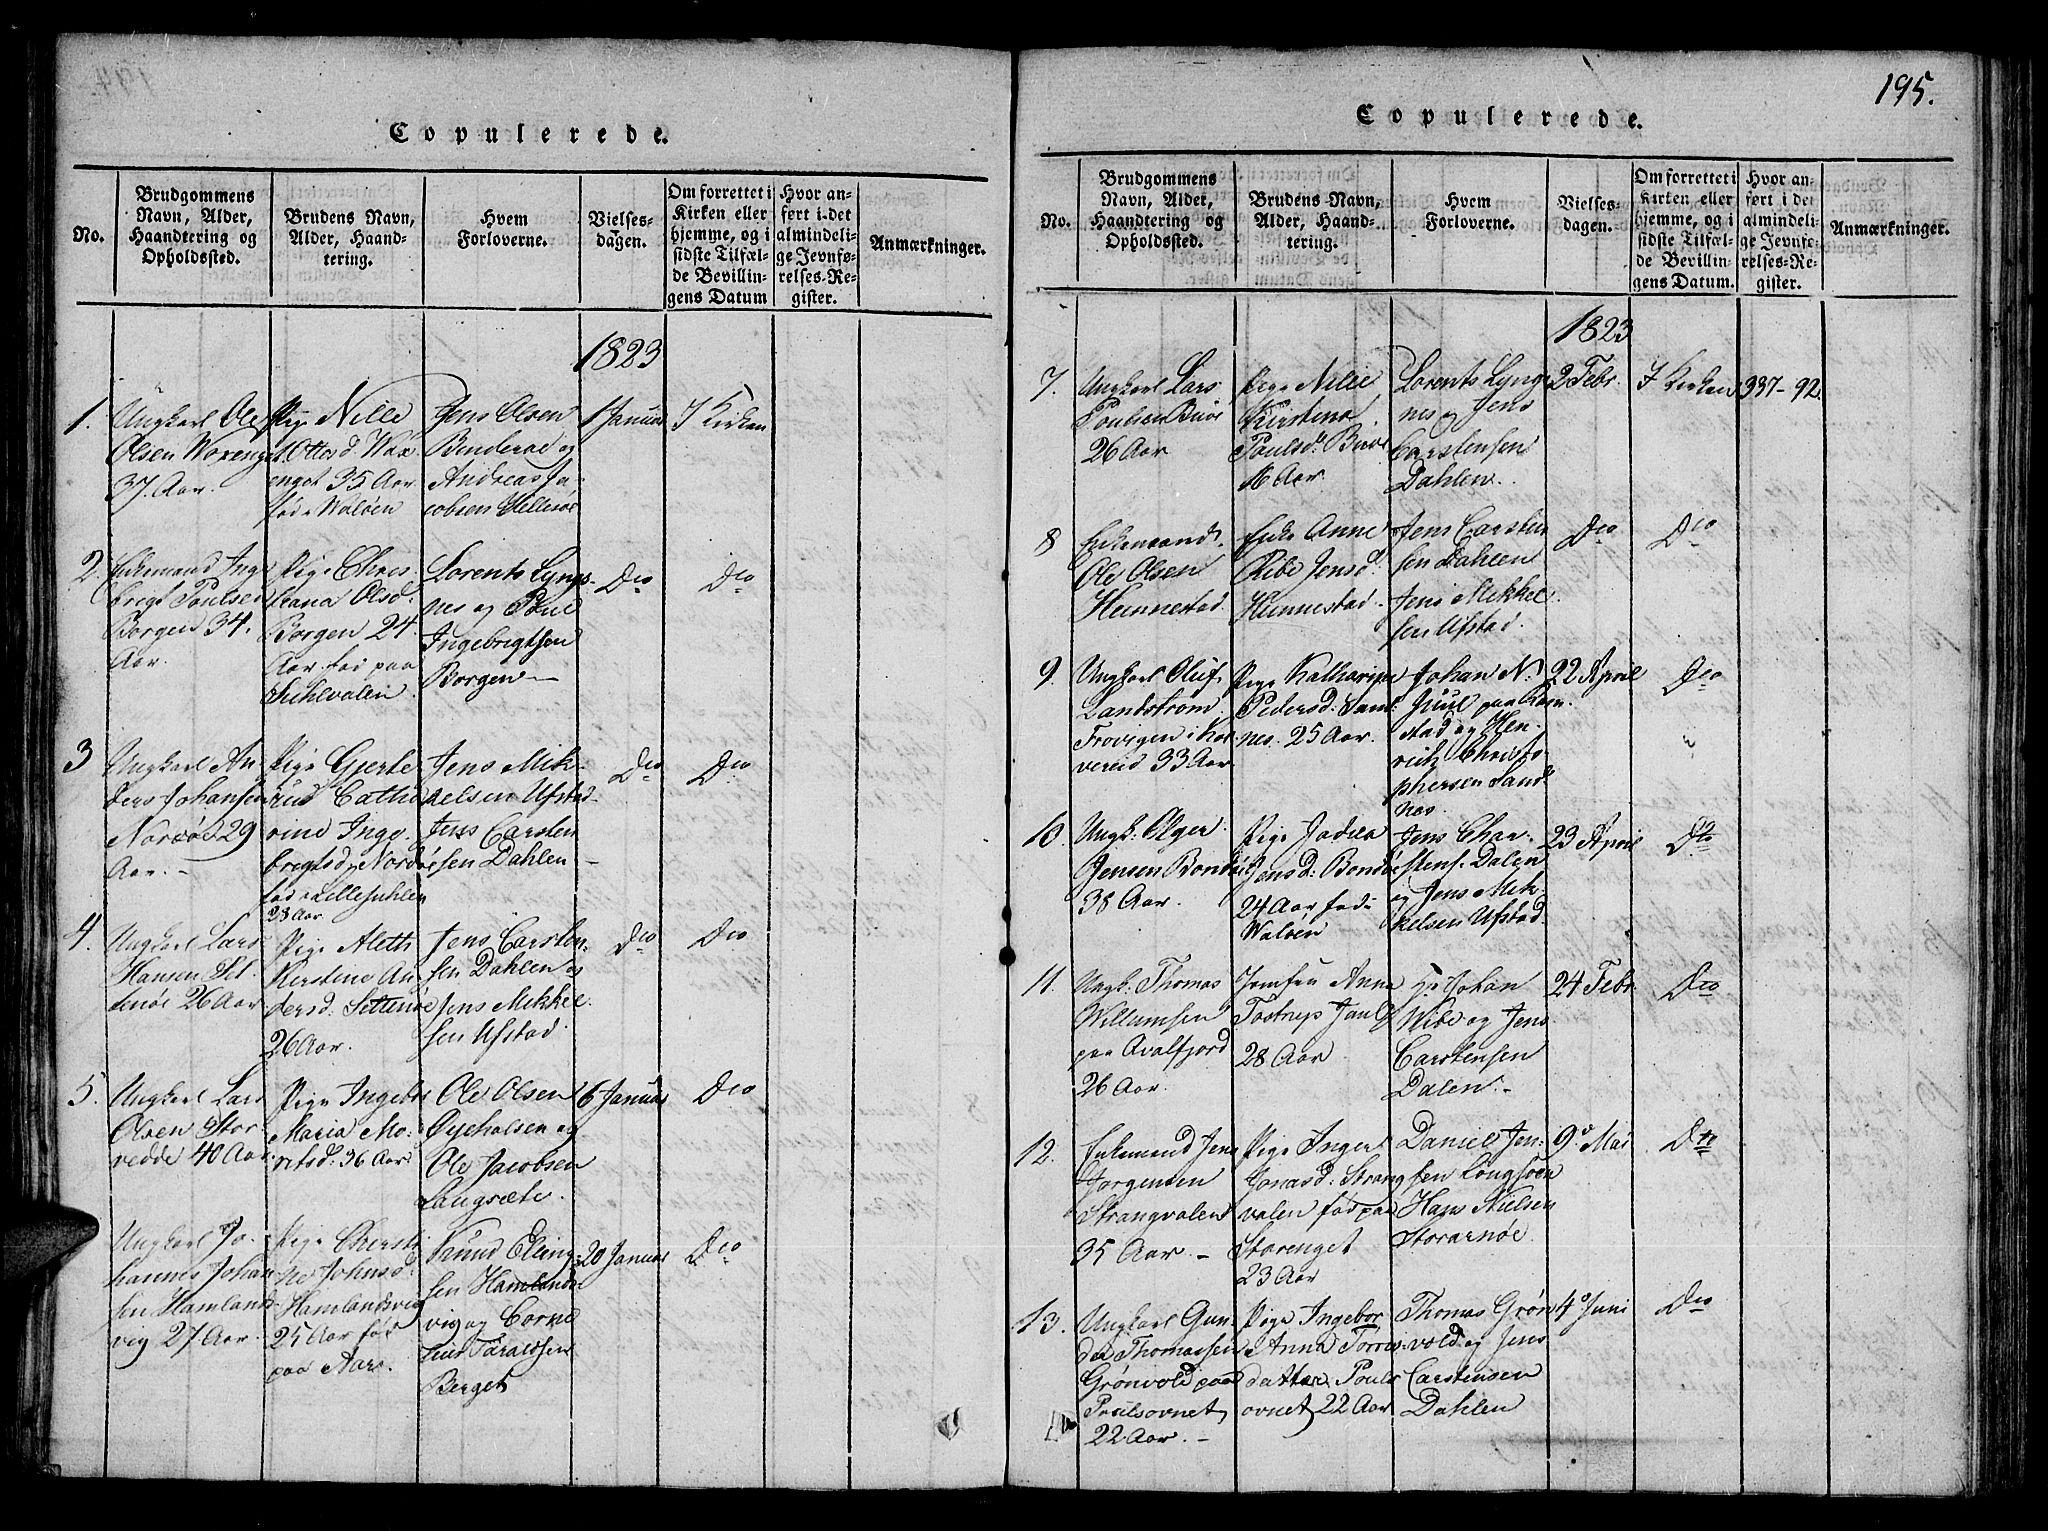 SAT, Ministerialprotokoller, klokkerbøker og fødselsregistre - Nord-Trøndelag, 784/L0667: Ministerialbok nr. 784A03 /1, 1816-1829, s. 195